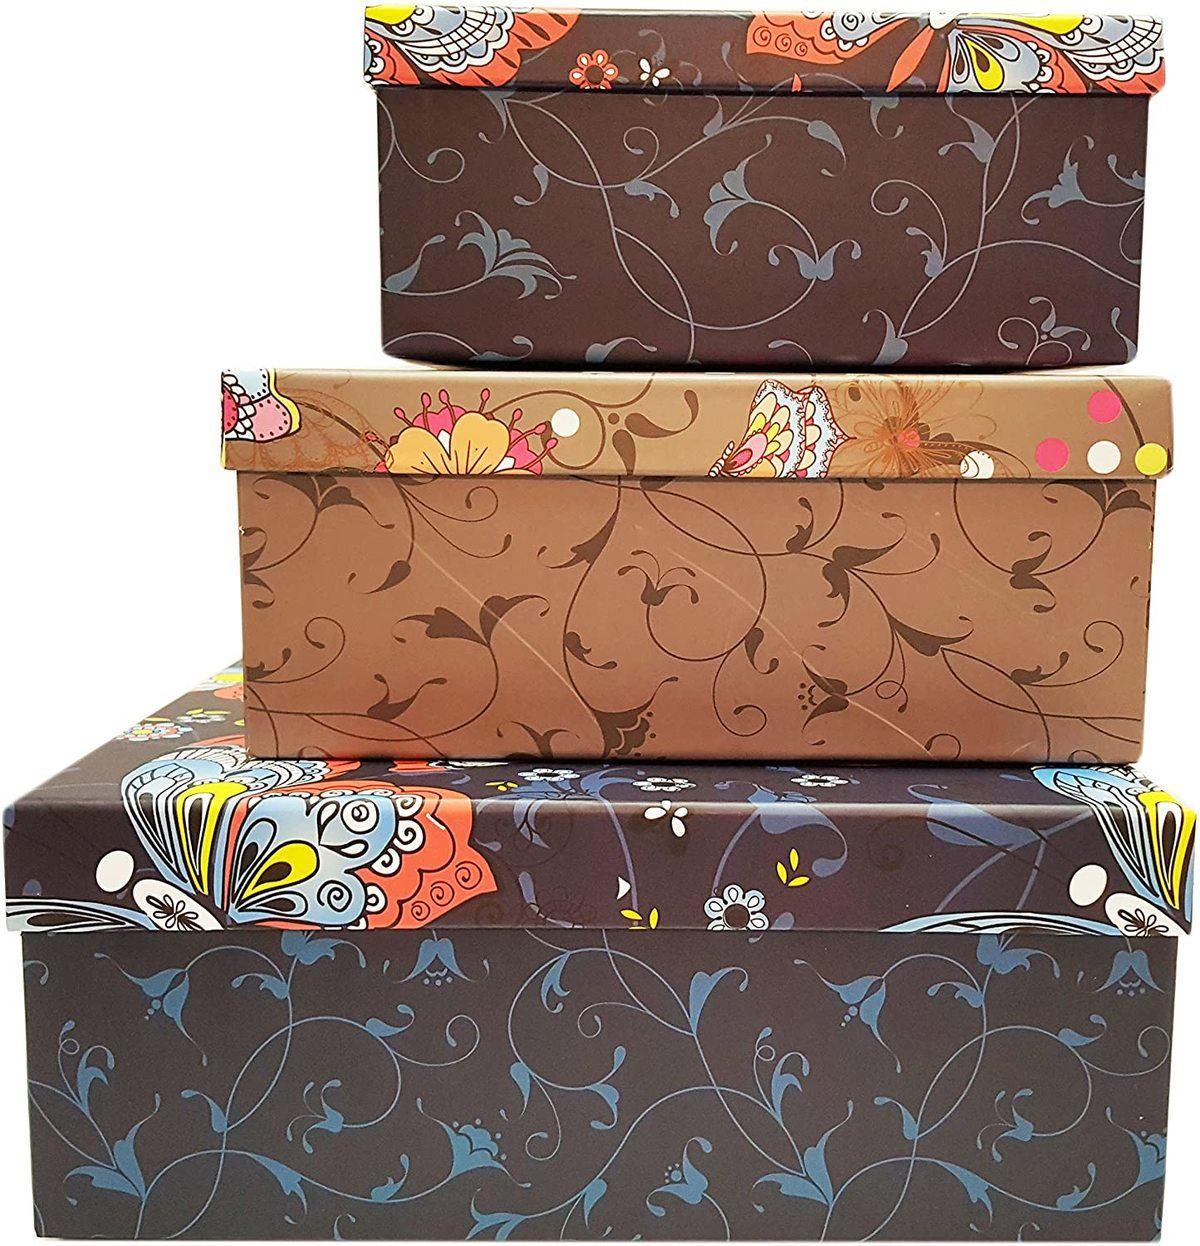 Cajas de cartón decoradas - cajas de cartón decoradas para guardar la ropa vintage